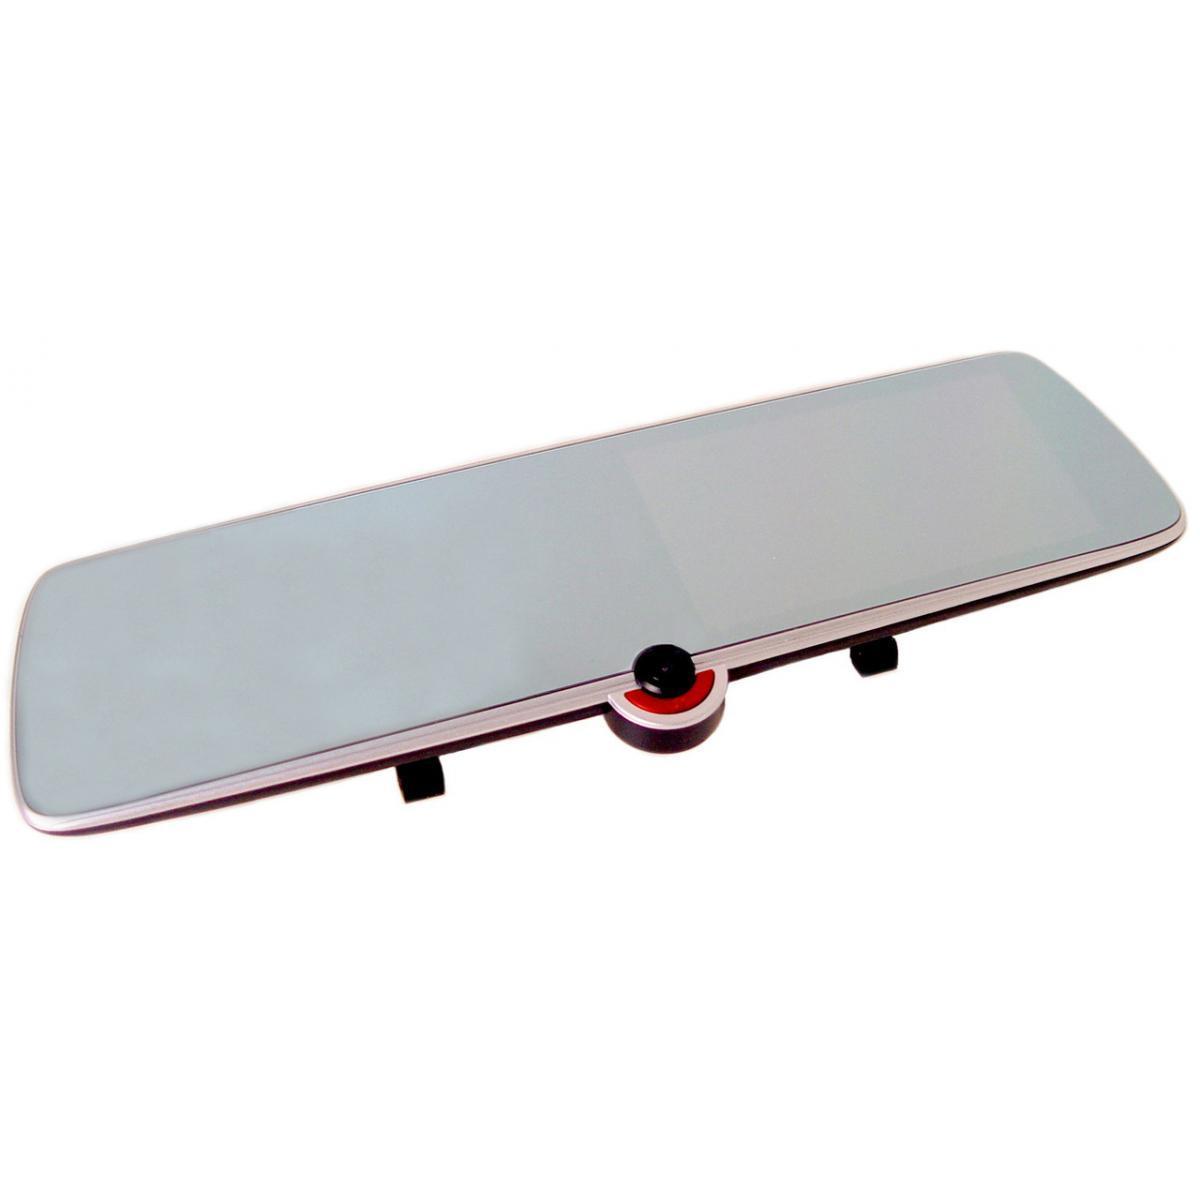 Автомобільний відеореєстратор Vihicle blackbox DVR C33 5*з трьома камерами дзеркало заднього виду з реєстратор